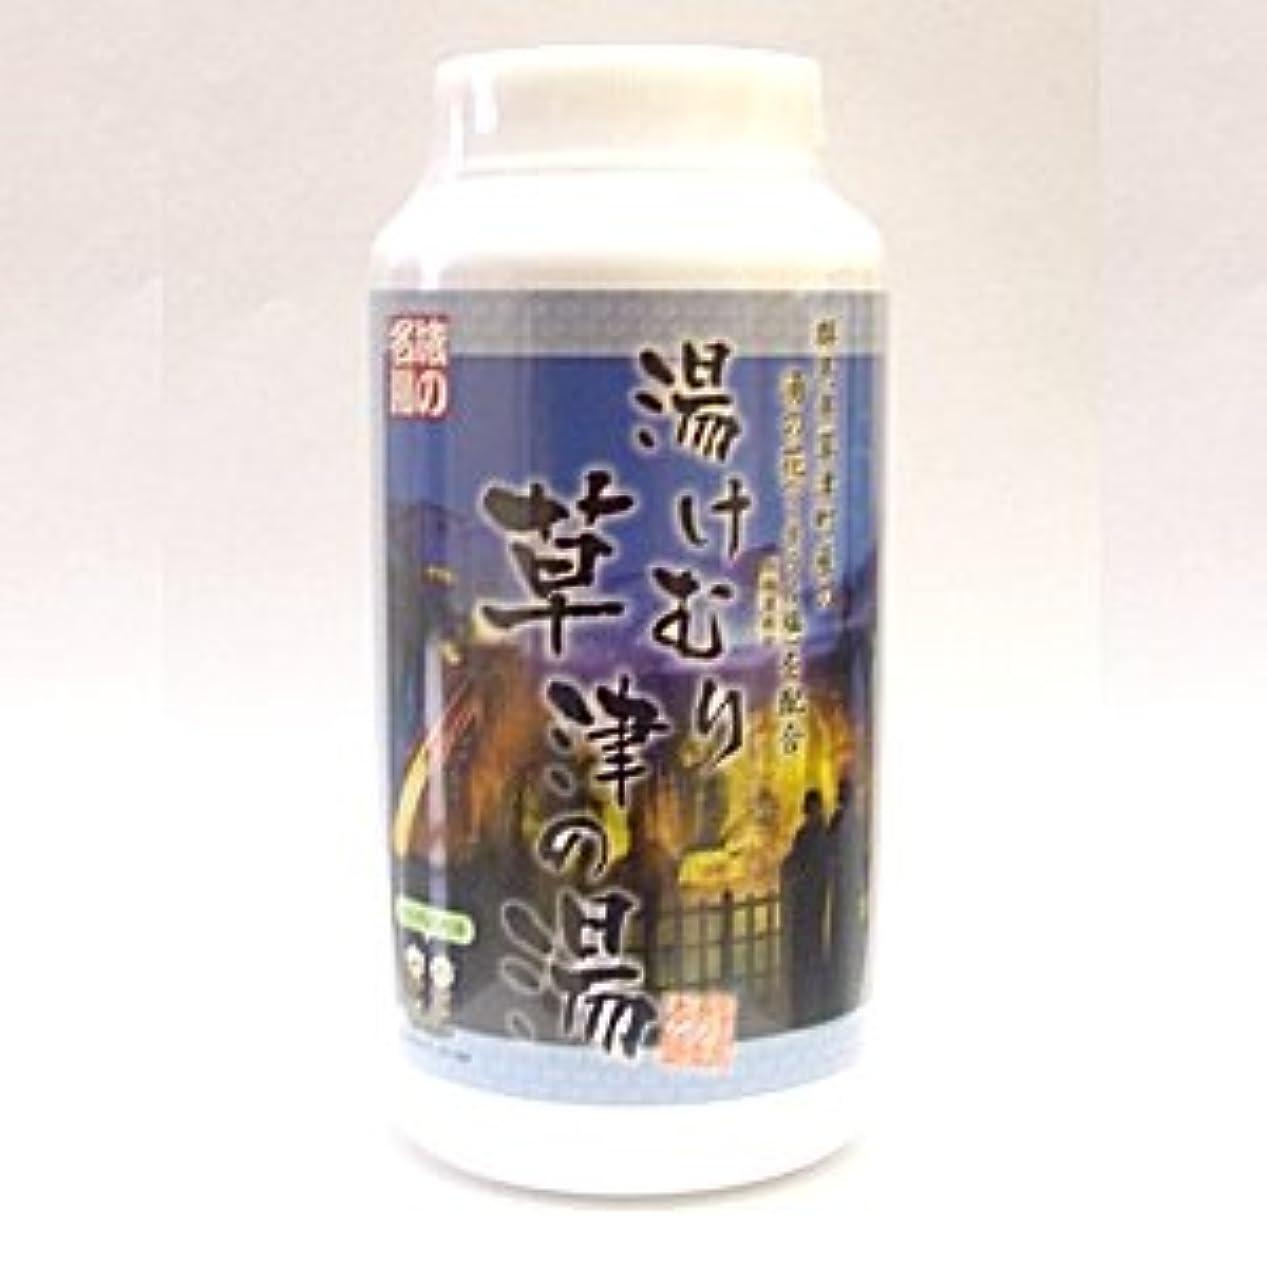 血まみれゲインセイメディック湯けむり草津の湯 群馬県草津町産の「湯の花」配合 500g